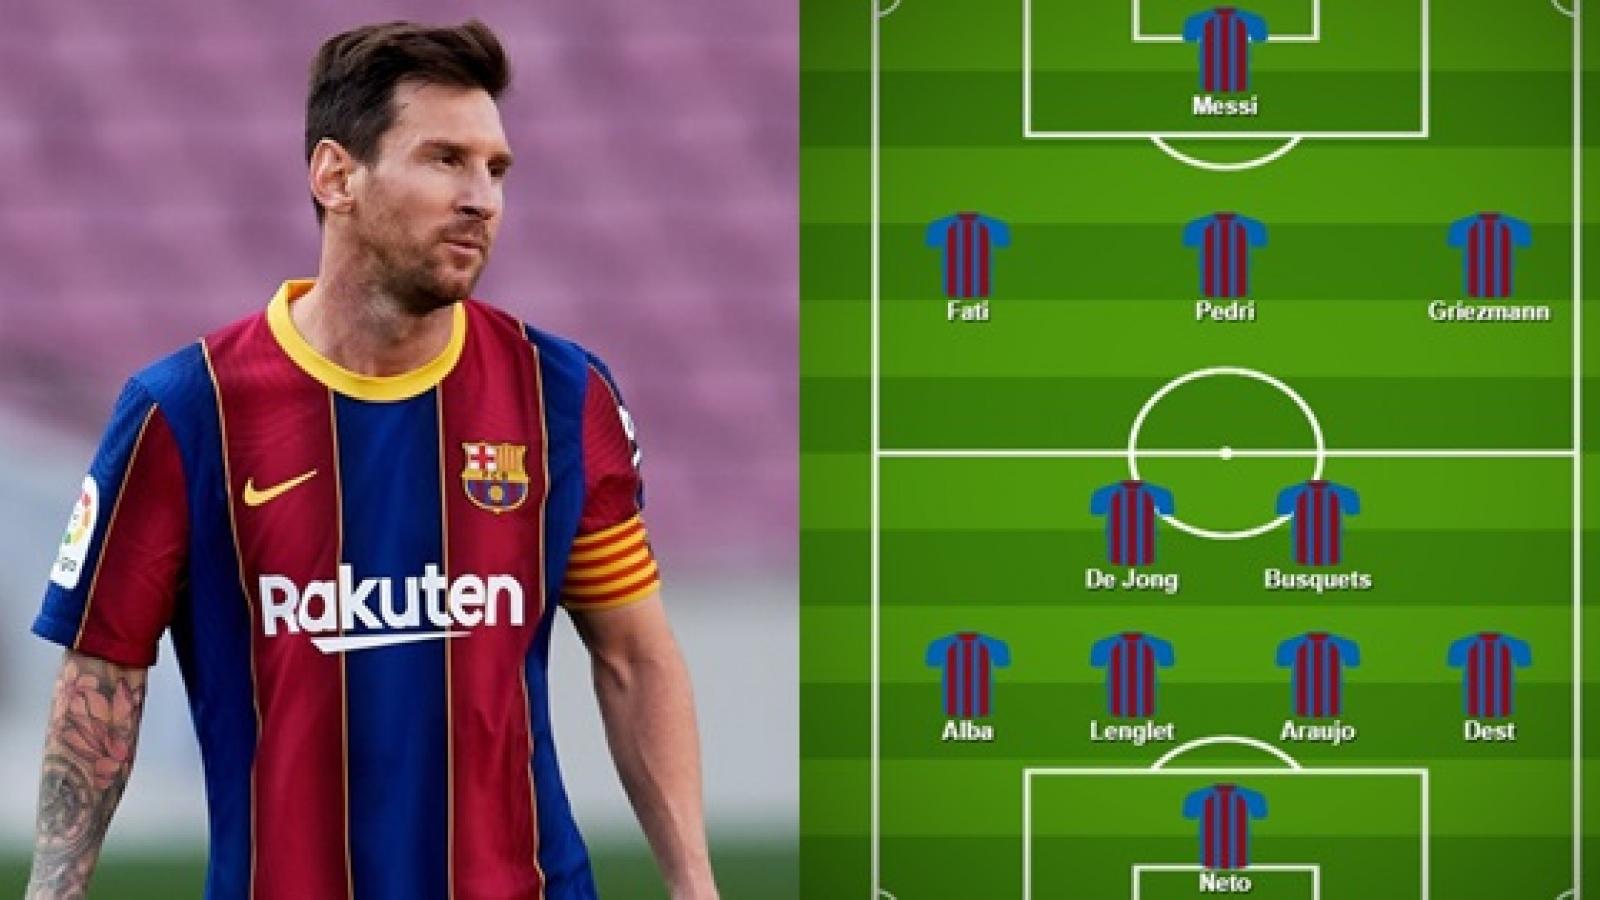 Đội hình dự kiến của Barca trước Juventus: Messi dìu dắt 2 chân sút 17 tuổi